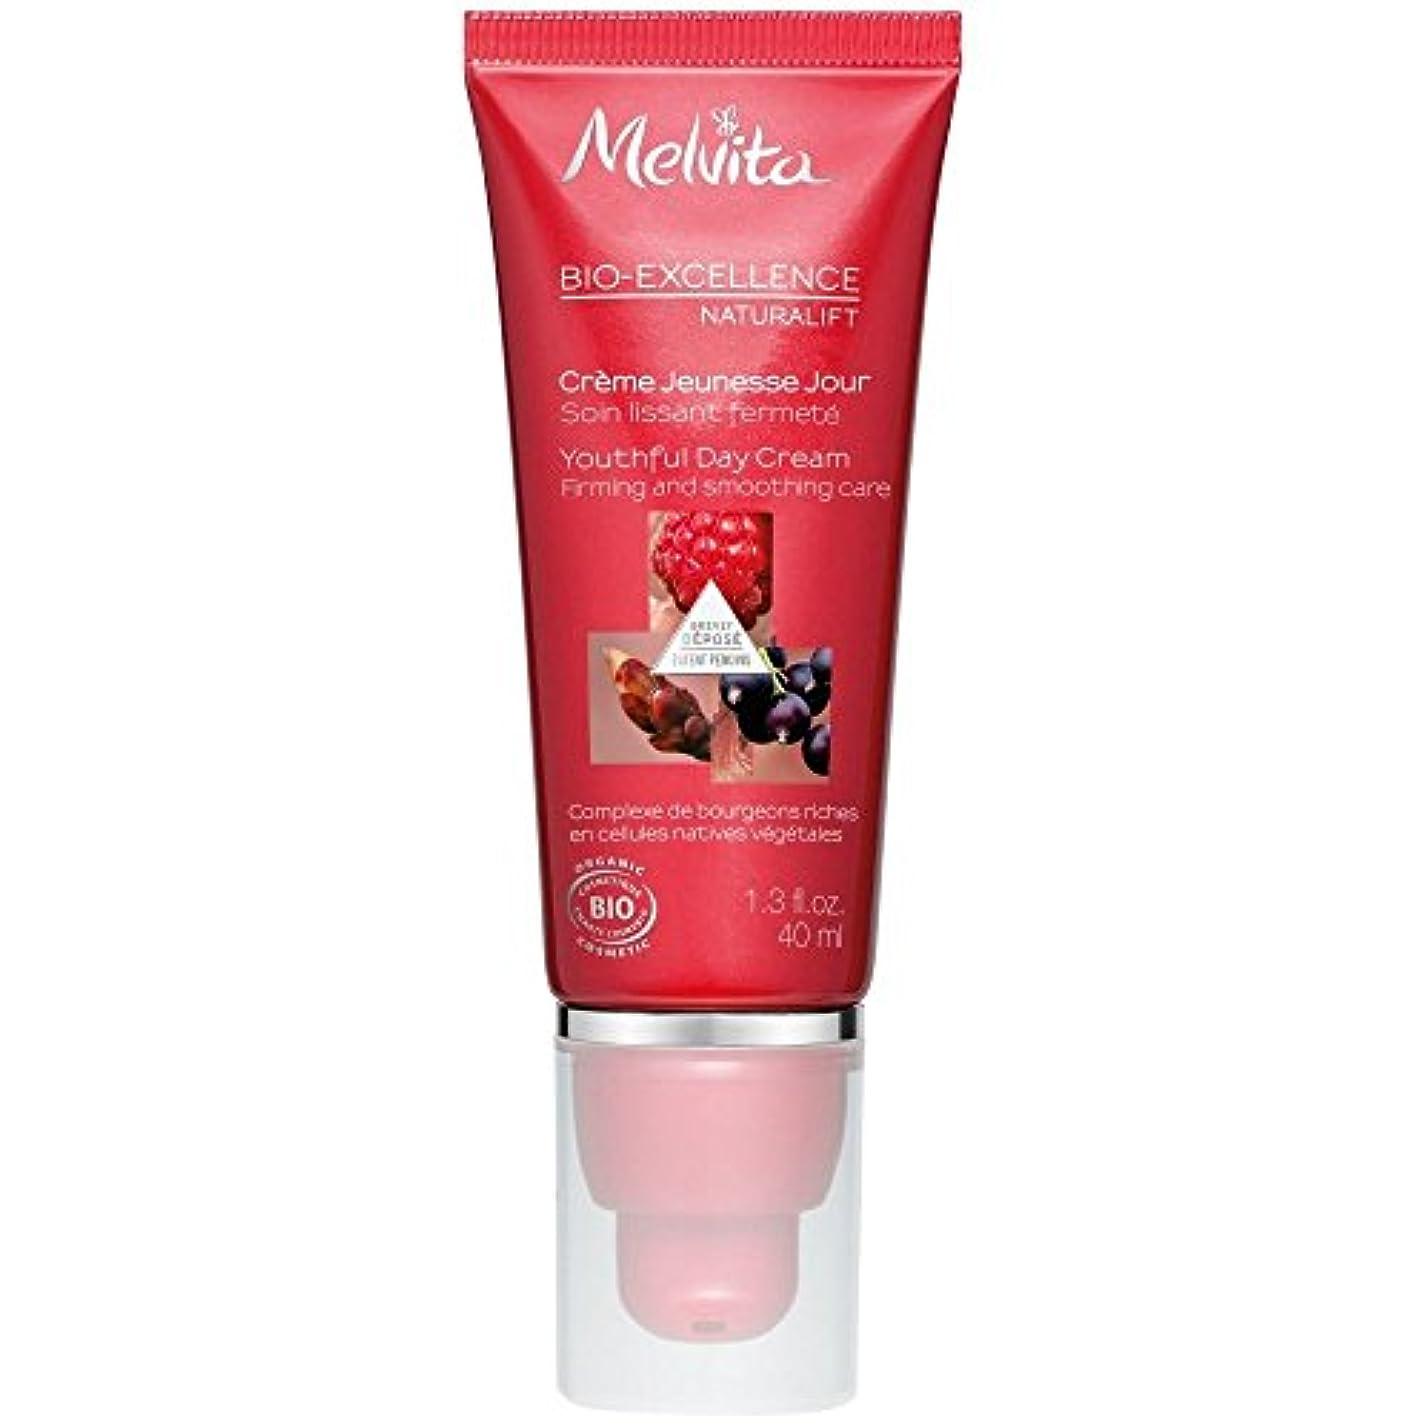 バングプーノ姿を消す[Melvita] メルヴィータバイオ優秀若々しいデイクリーム、40ミリリットル - Melvita Bio-Excellence Youthful Day Cream, 40ml [並行輸入品]